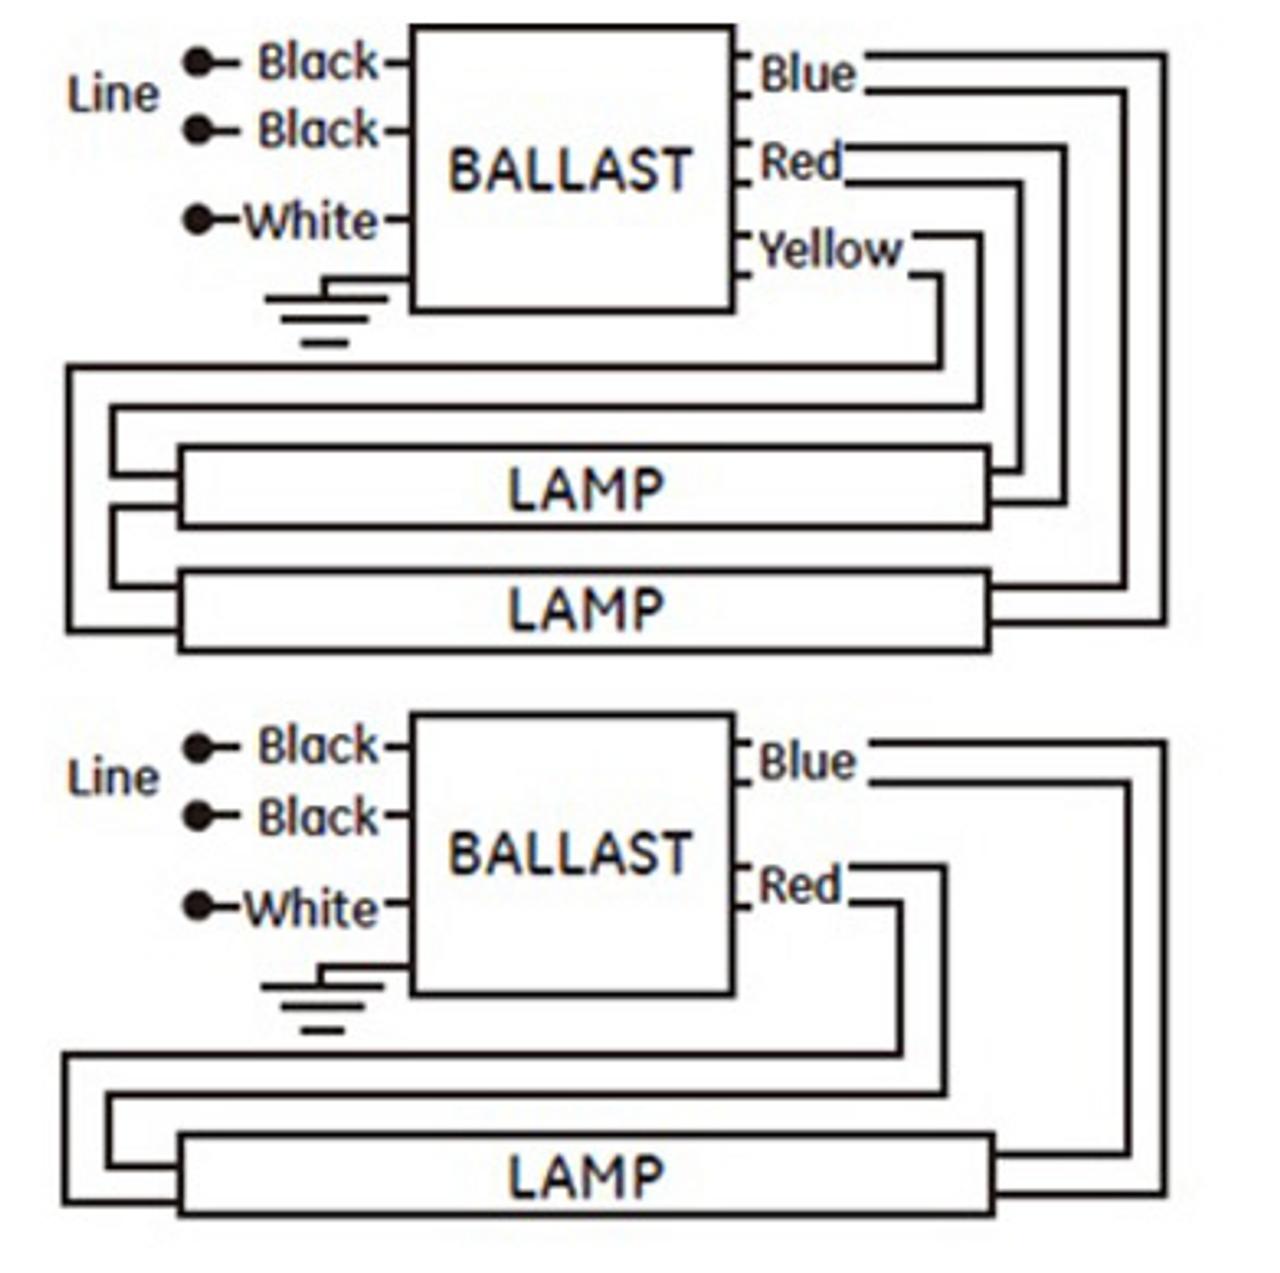 GE228MVPS-N-S35 GE 90903 | Step Dimming Ballast | Ge Dimming Ballast Wiring Diagram |  | BallastShop.com